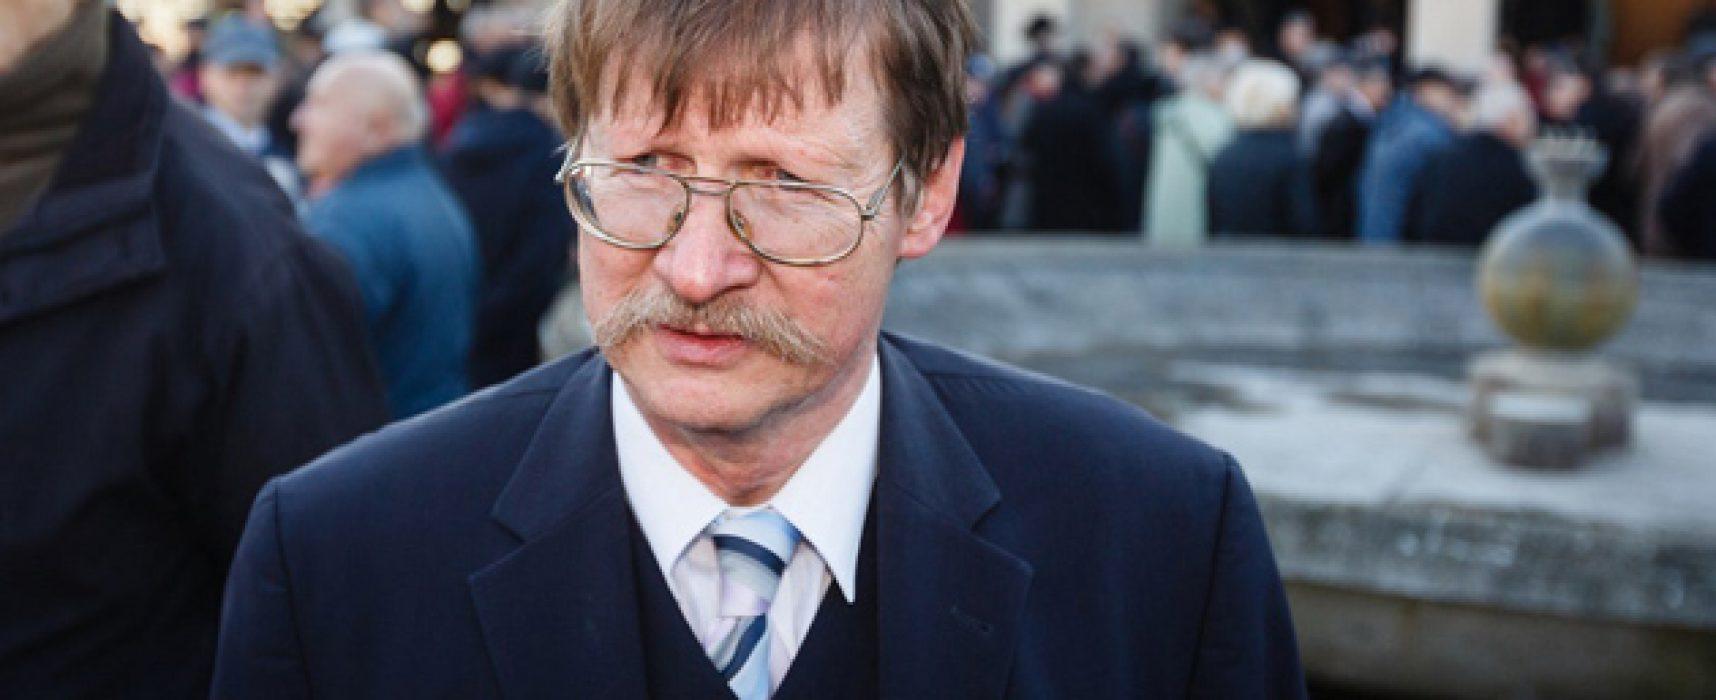 Emabajada de Ucrania comenta la visita de los políticos checos a Crimea ocupada